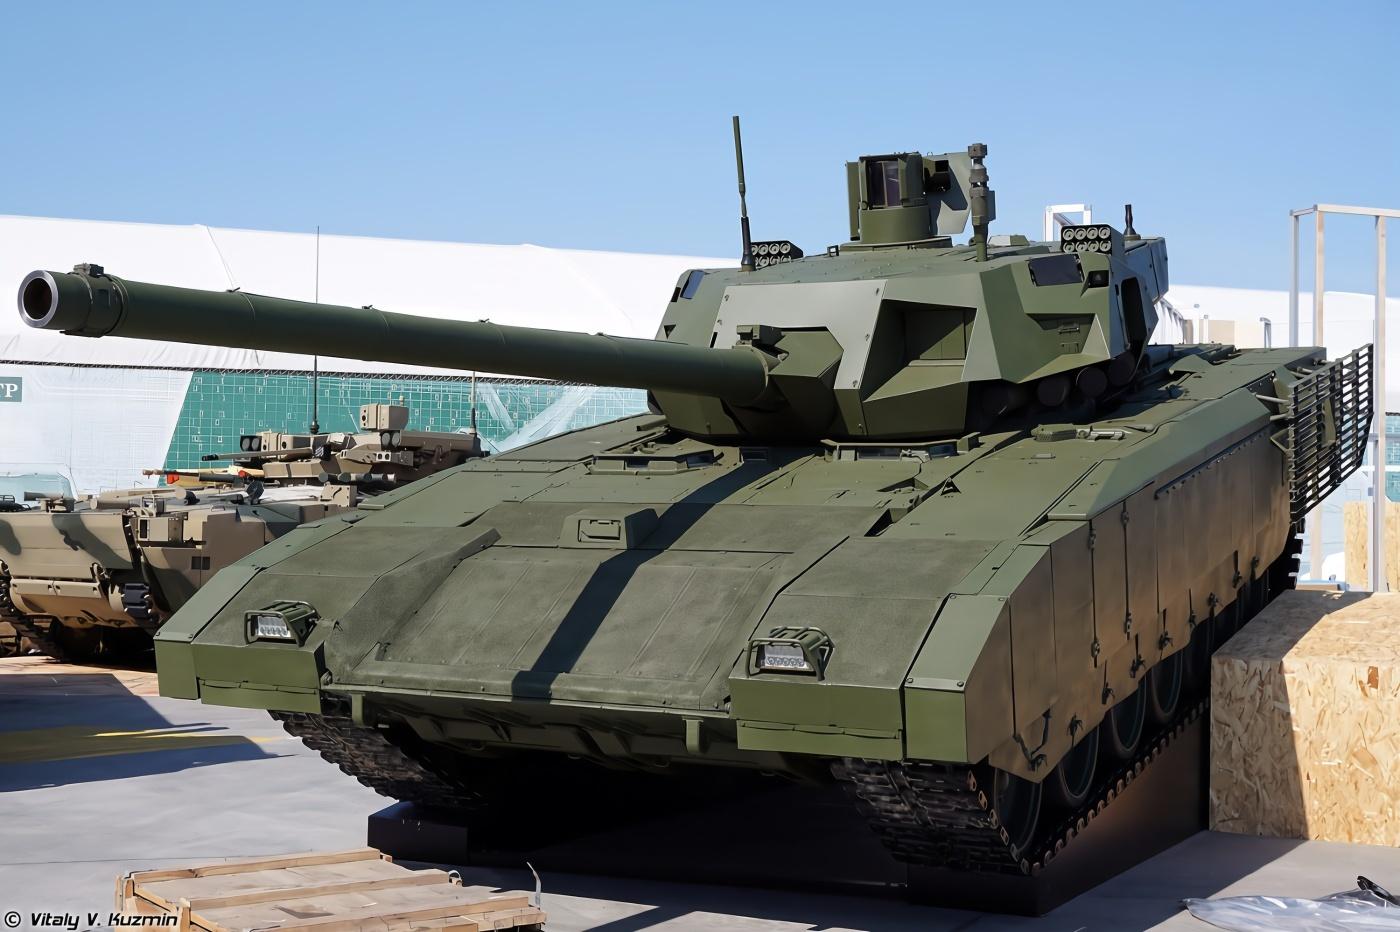 如果印度买了阿玛塔,VT-4外贸坦克或将继续升级